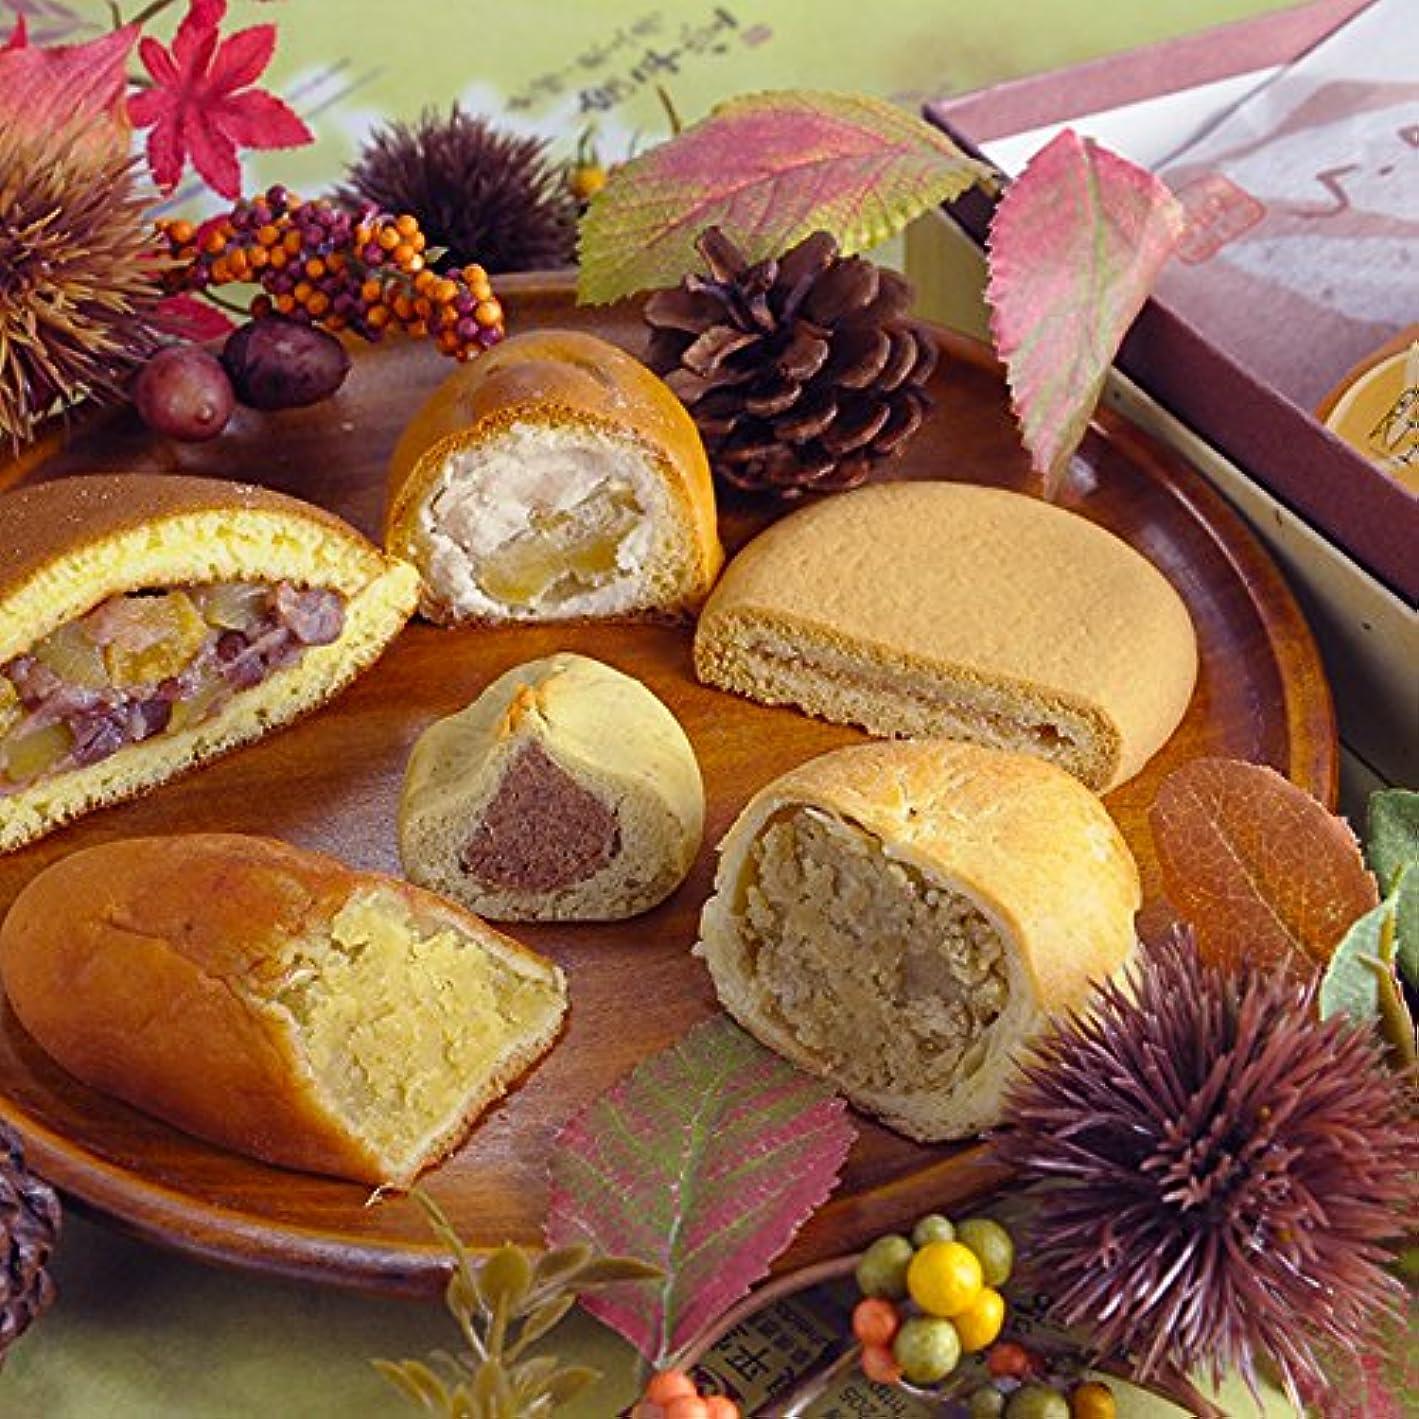 ほのか幾分パフギフト 誕生日 栗どらやき入り栗和菓子セット 良平堂